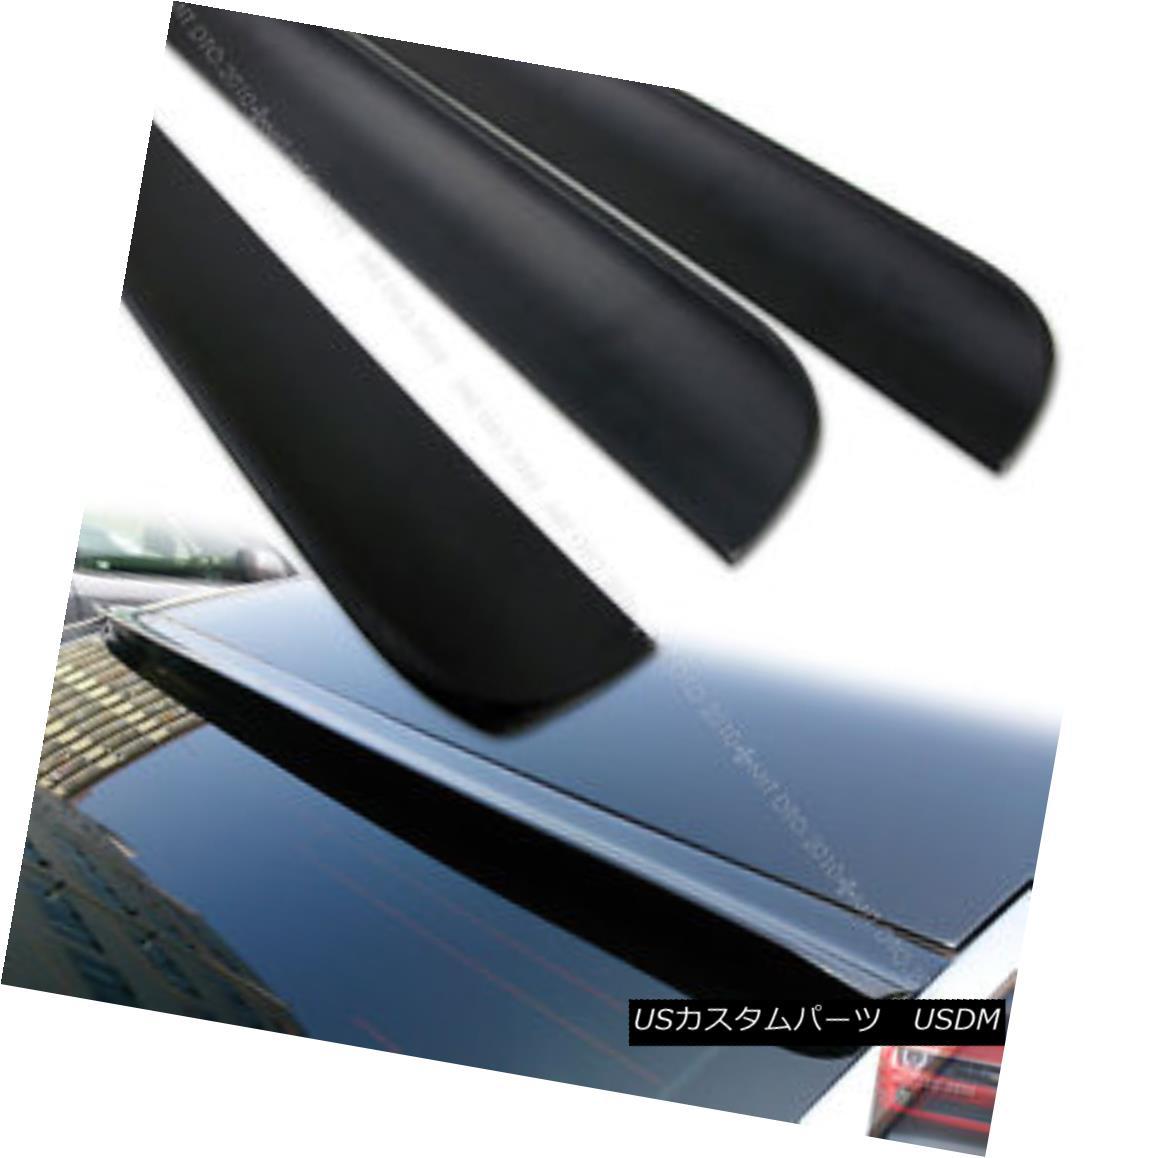 エアロパーツ Unpainted G35 G37 V35 Window Rear Roof Lip Spoiler 05-06 § 塗装されていないG35 G37 V35ウインドウリアルーフリップスポイラー05-06